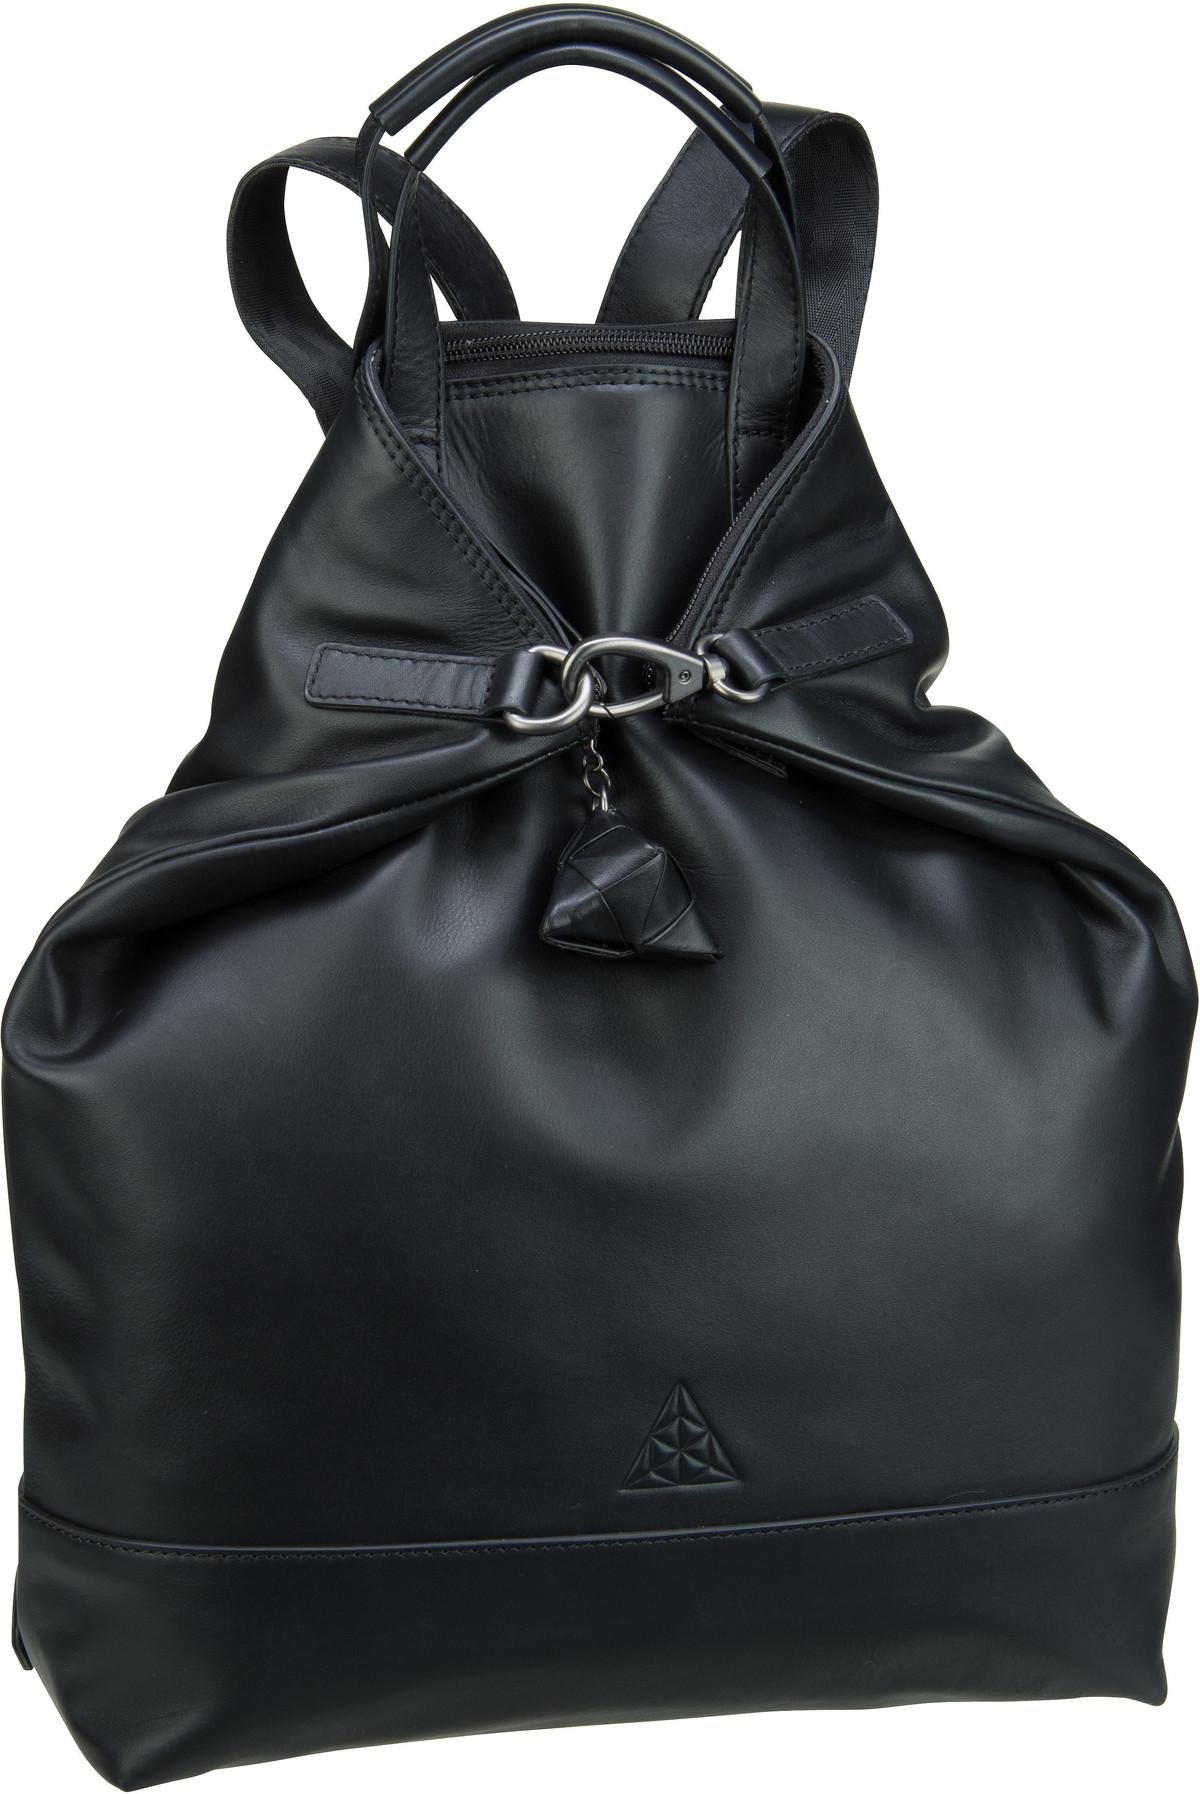 Rucksack / Daypack Alice Sara Ott 6012 X-Change 3in1 Bag S Schwarz